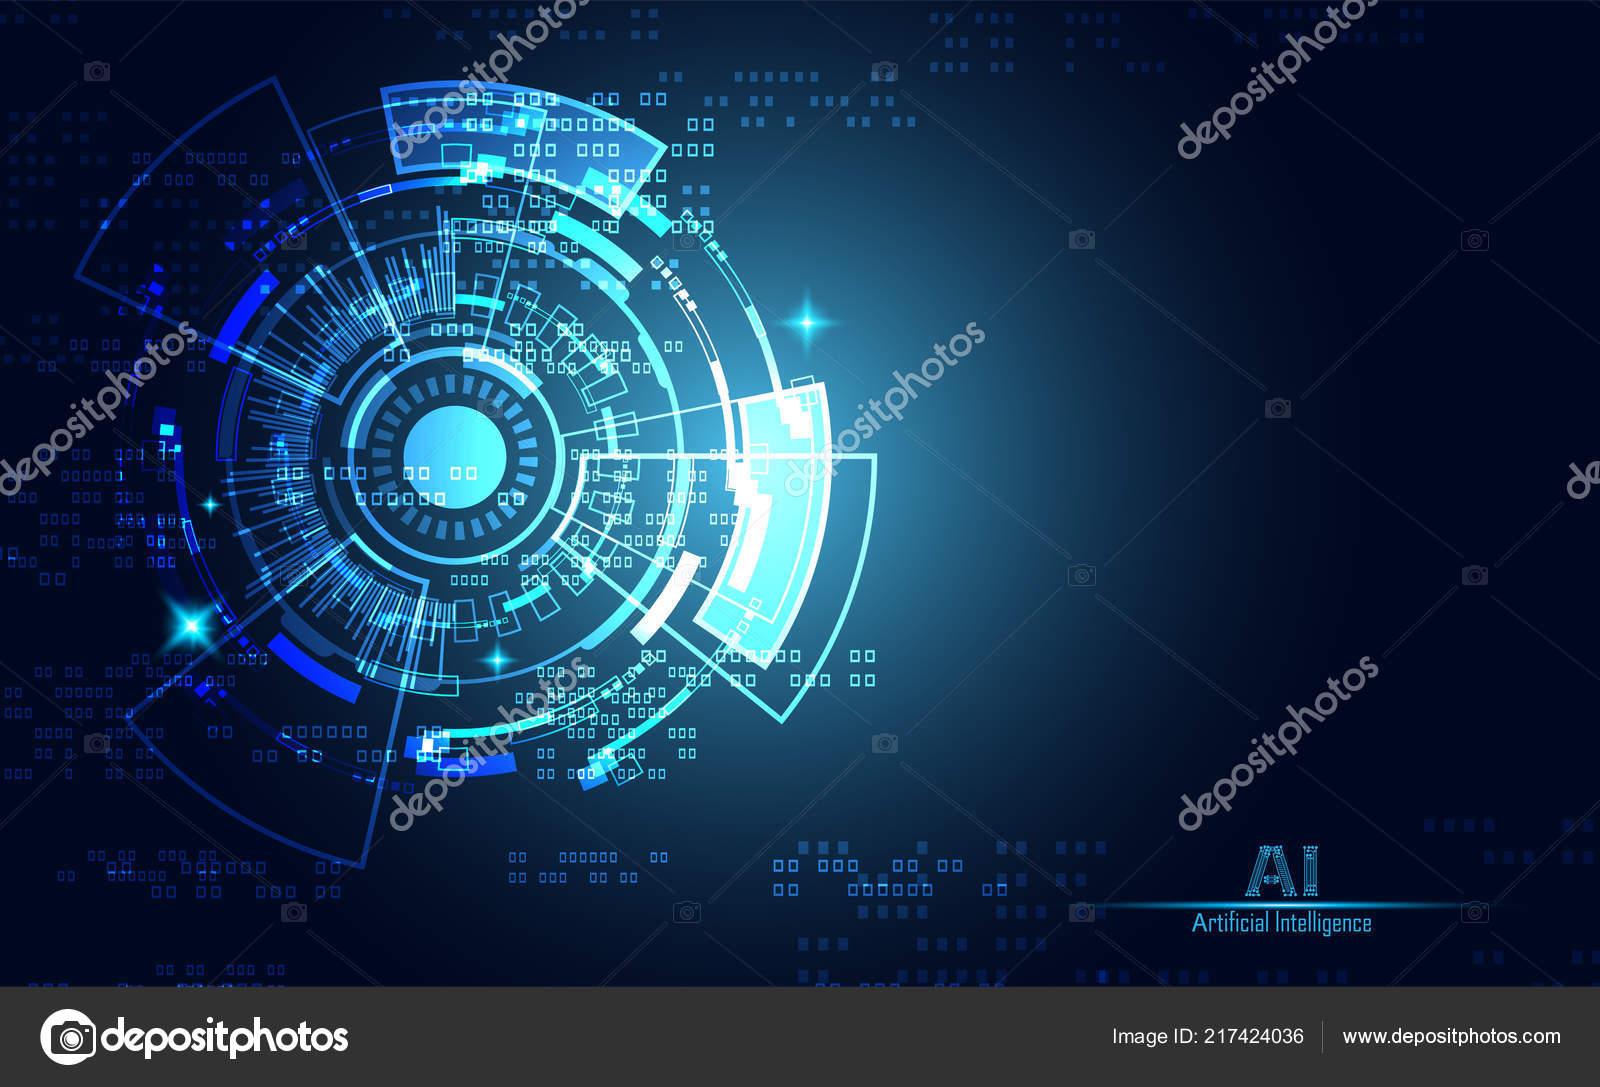 b0d808284ad Современные Технологии Абстрактные Концепции Коммуникации Круг Цифровых  Схем Синем Фоне — стоковый вектор